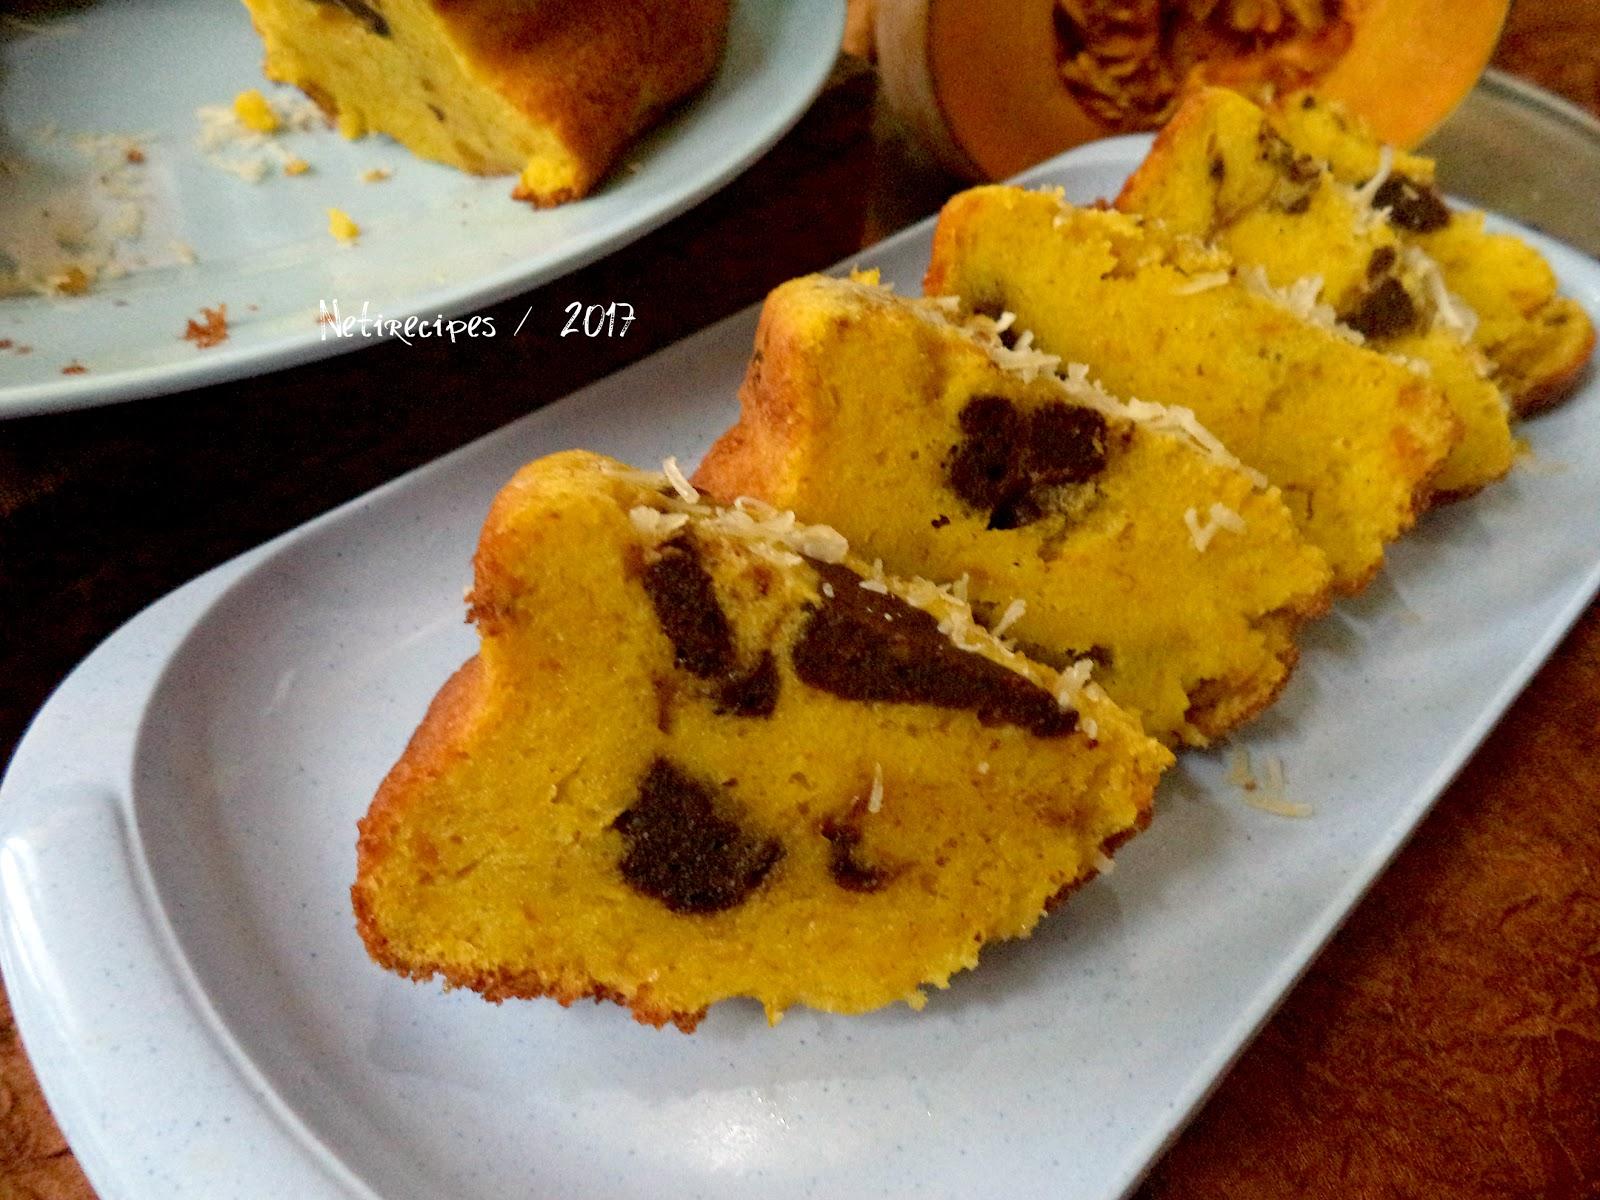 Resep Cake Kukus Labu Kuning Lapis Coklat: Resep Cake Marmer Labu Kuning Yang Enak